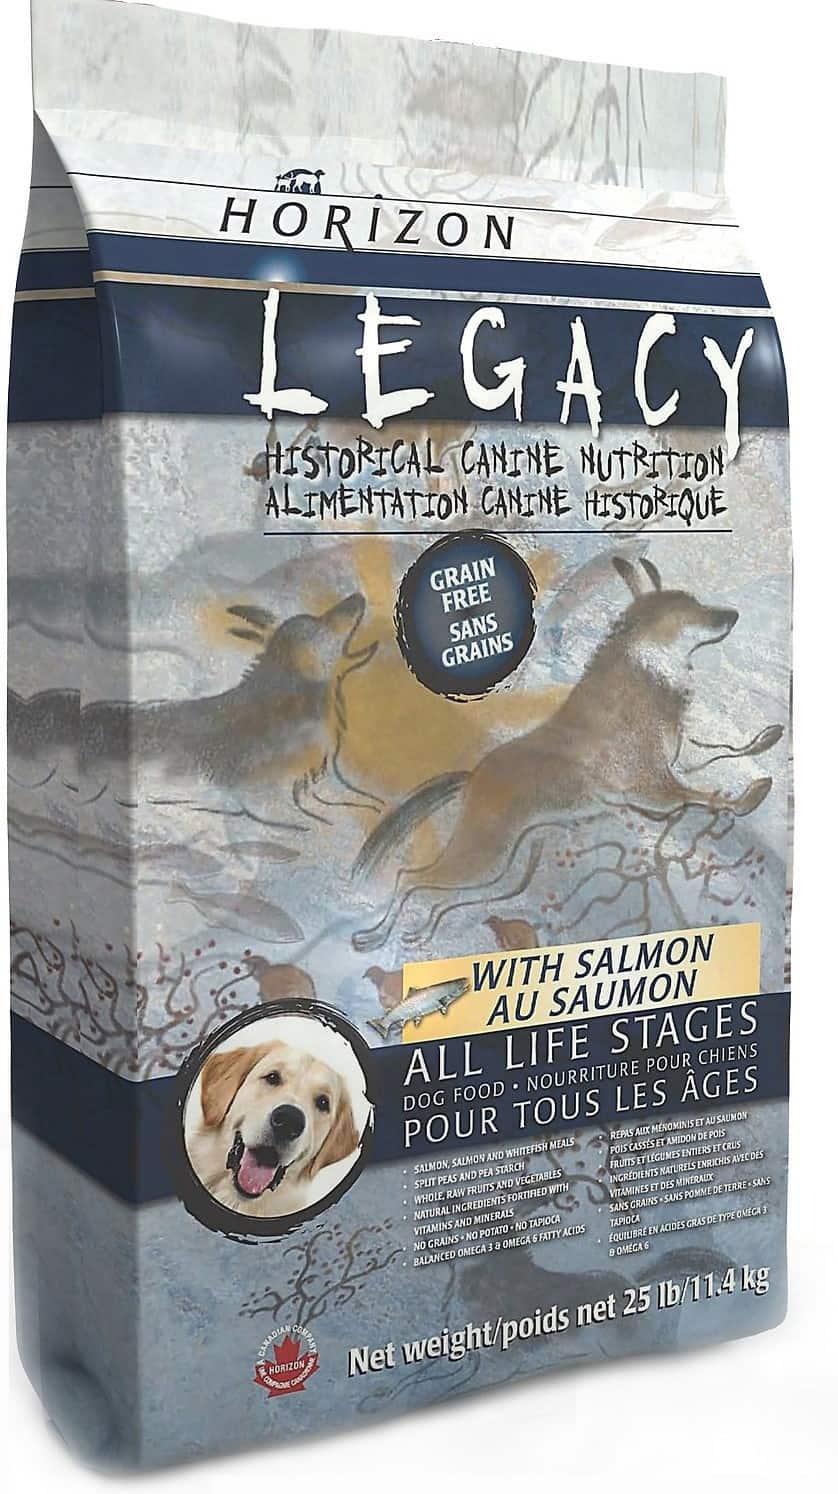 Horizon Dog Food Review 2021: Top Canadian Maker of Exemplary Pet Foods? 9